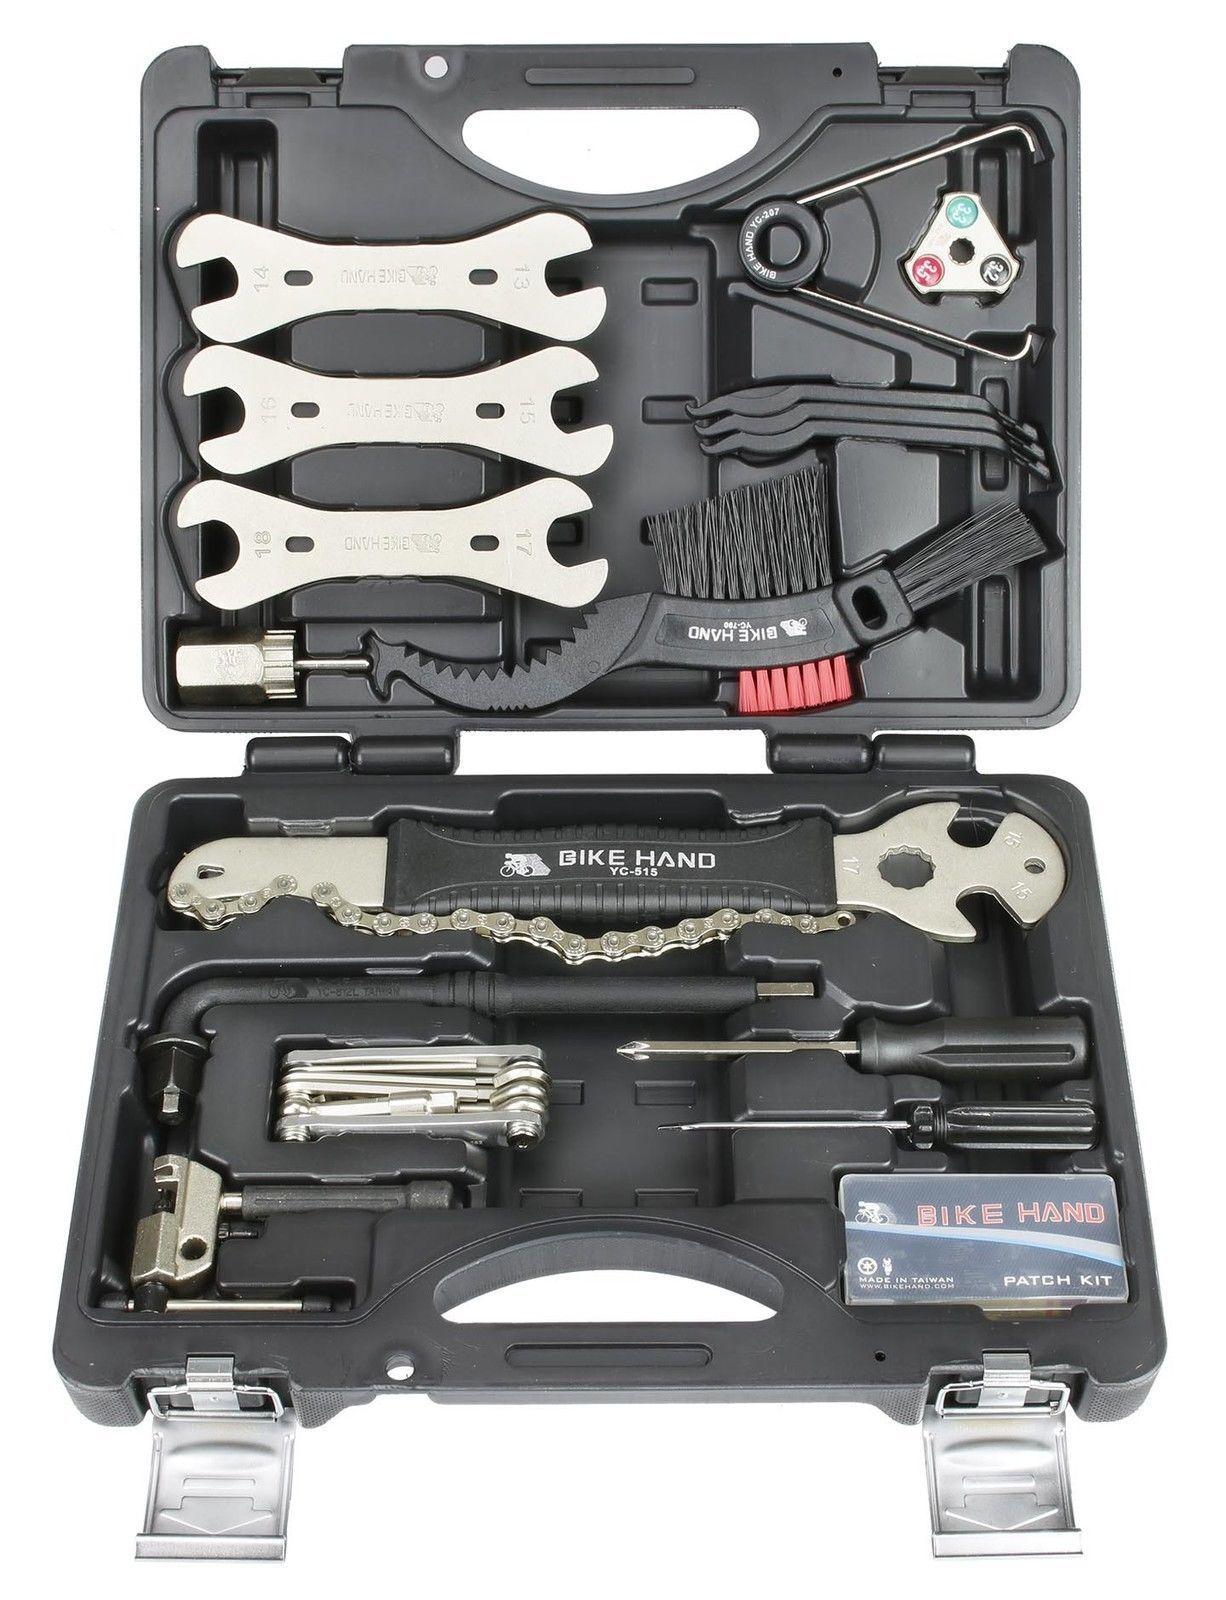 BIKE HAND Fahrrad Werkzeuge günstig kaufen | eBay